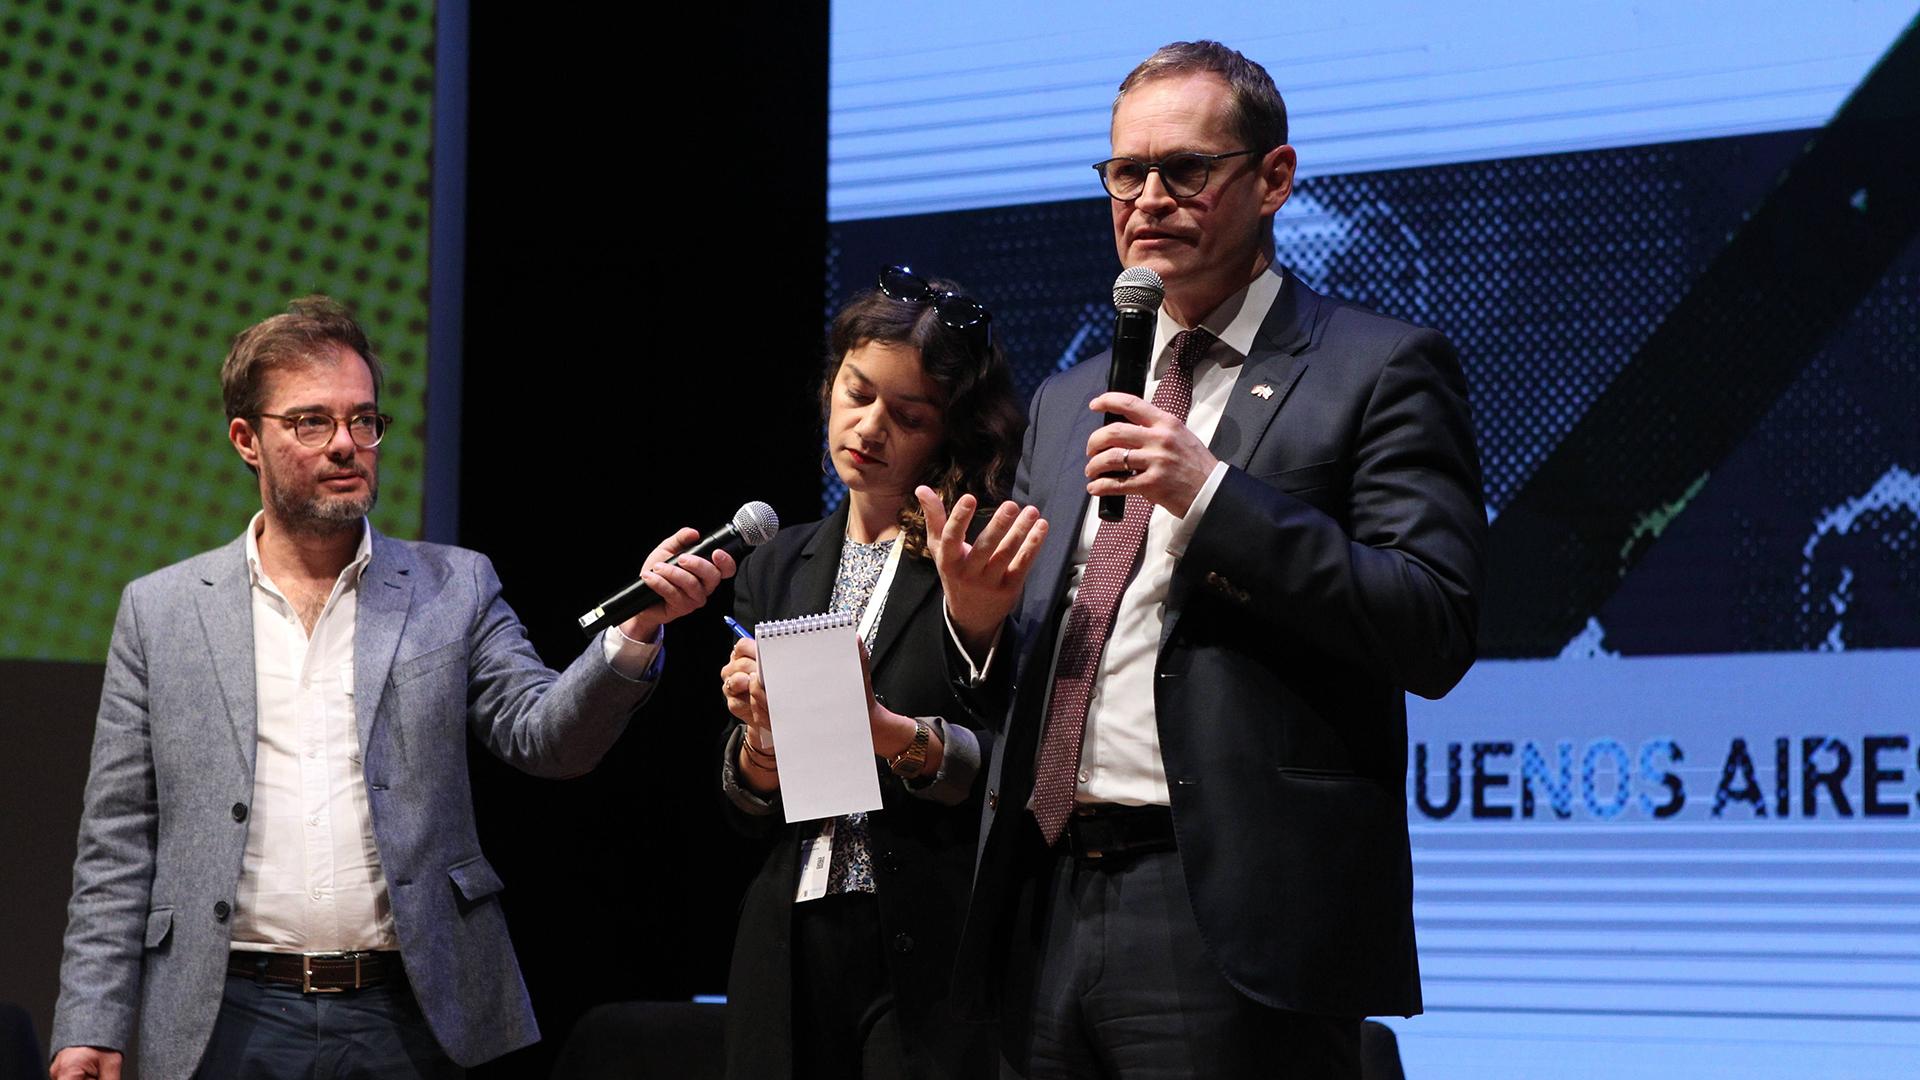 El alcalde de Berlín, Michael Müller, habla durante la clausura de la III Cumbre Internacional de Ciudades Culturales, en Buenos Aires. A su derecha, el minustro porteño de la cartera cultural, Enrique Avogadro (EFE/ Pablo Ramón)